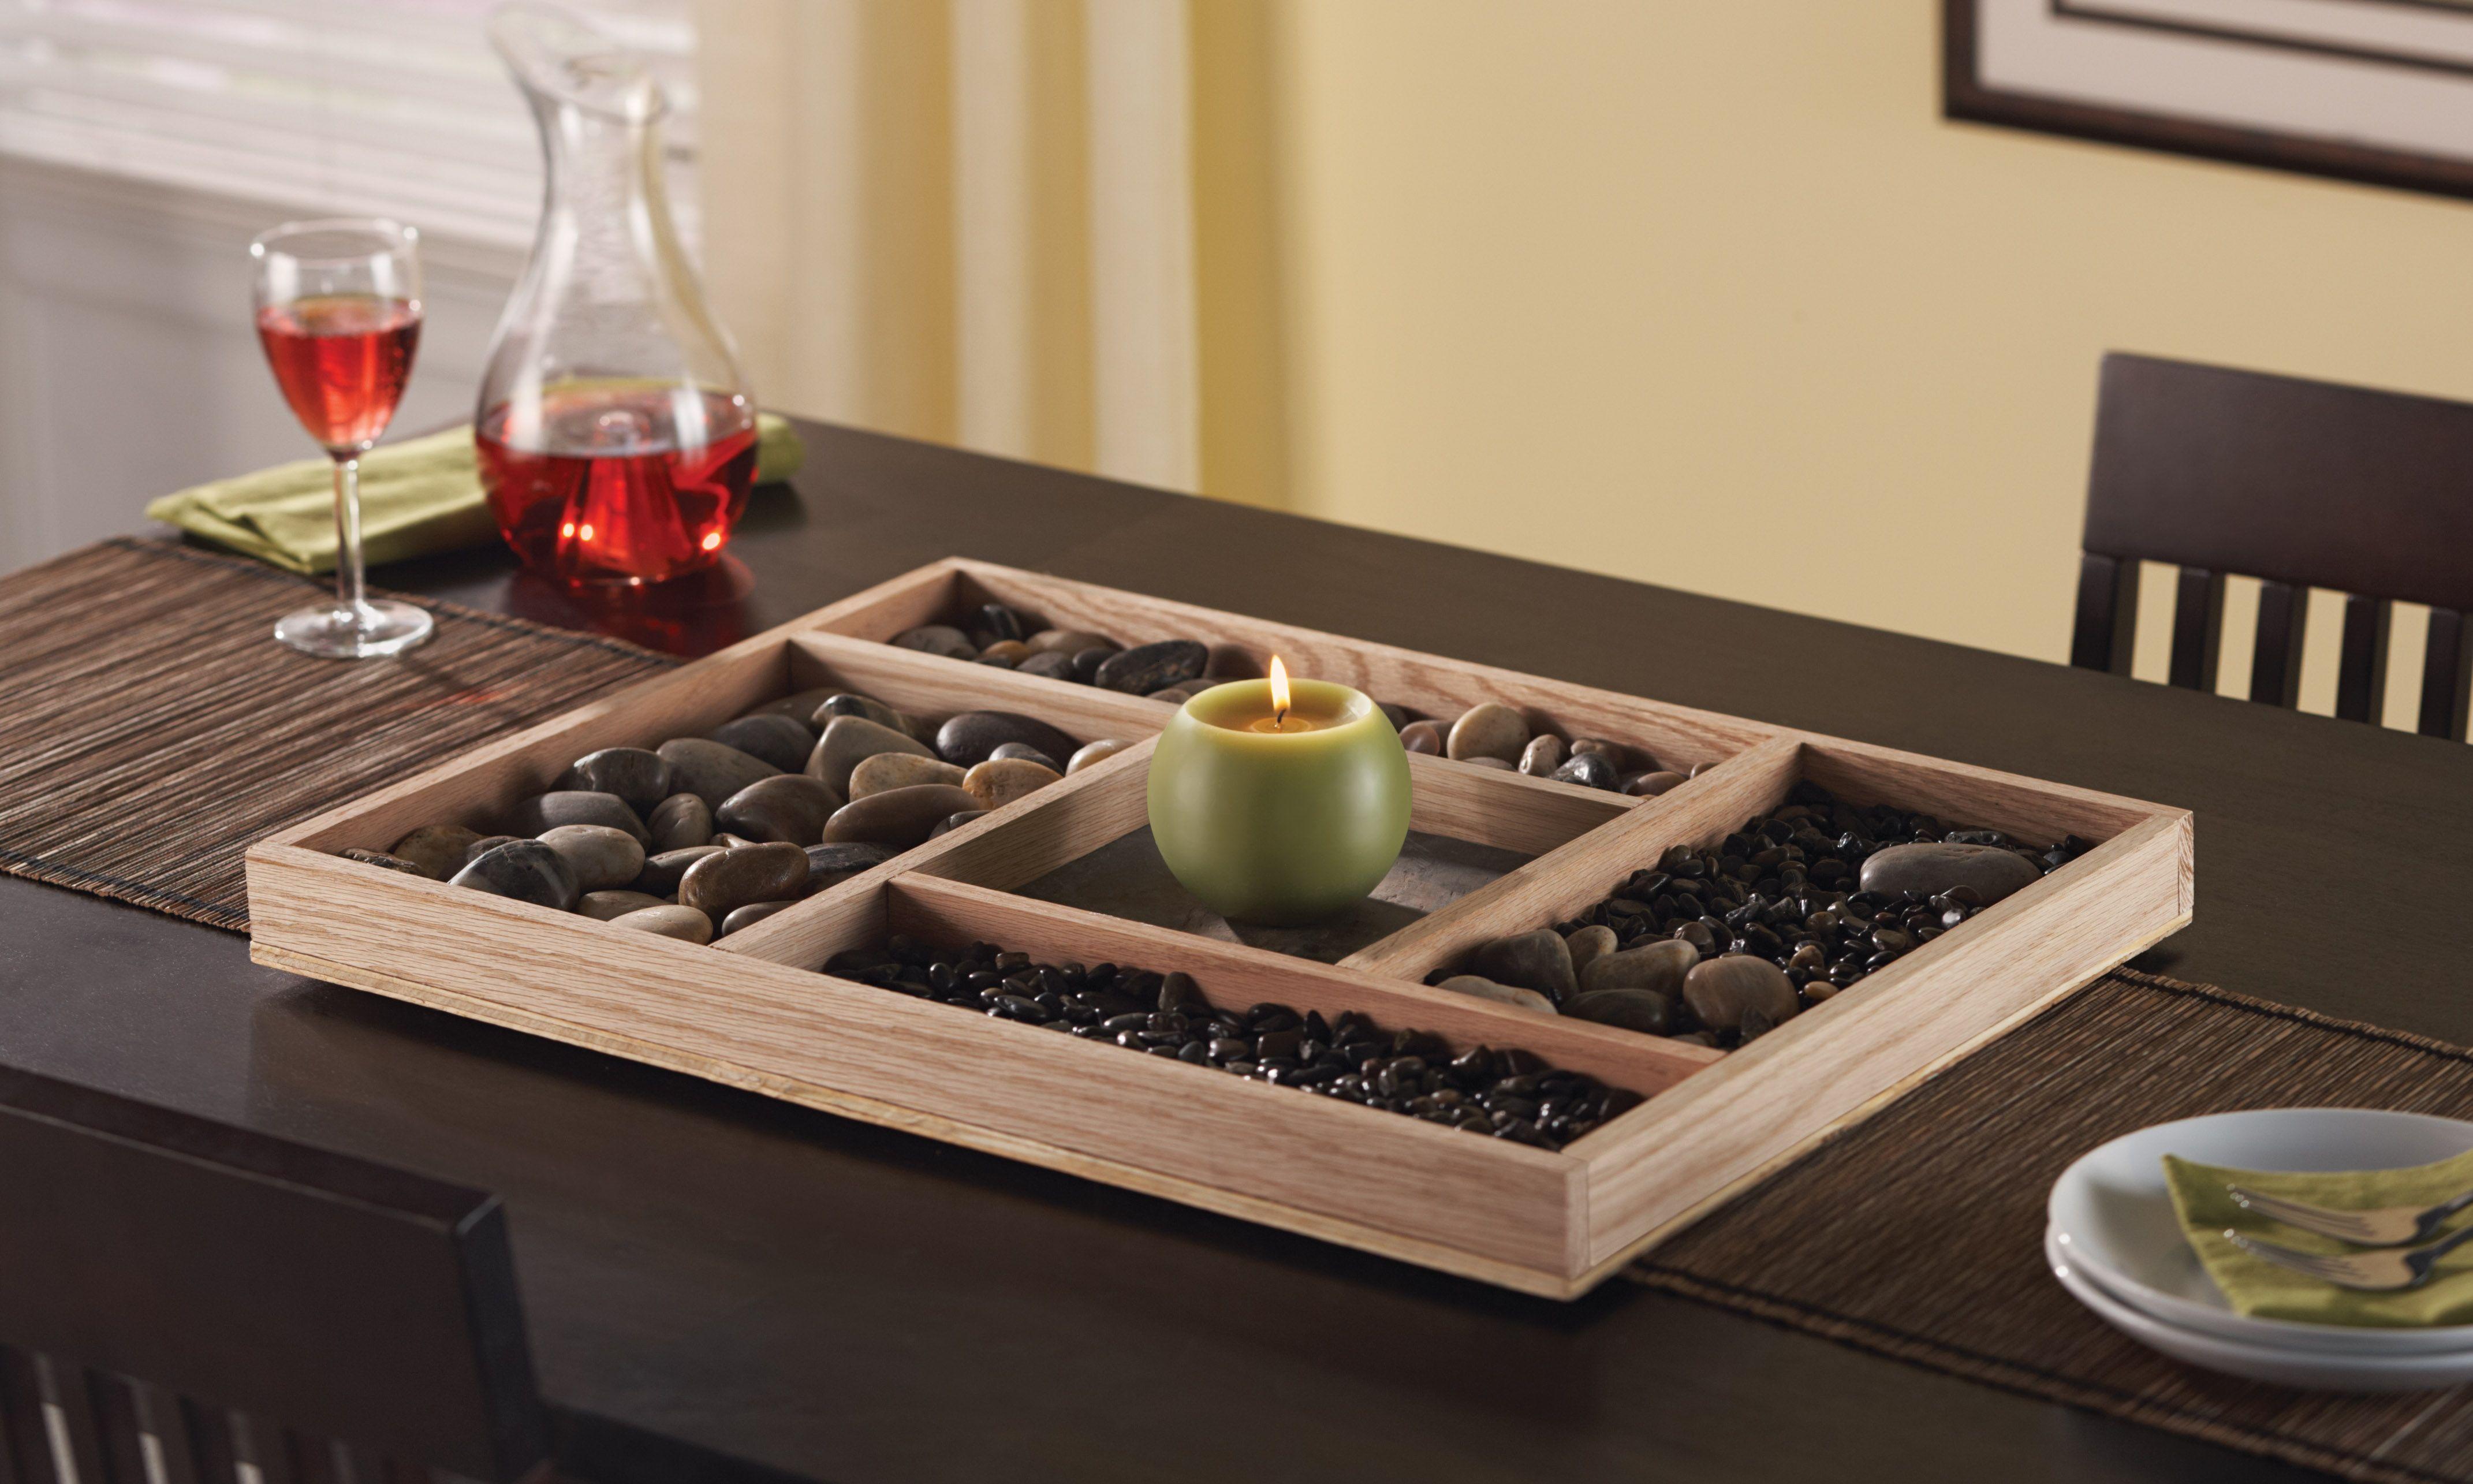 Zen Classroom Decor ~ Zen garden decor projects pinterest gardens dremel